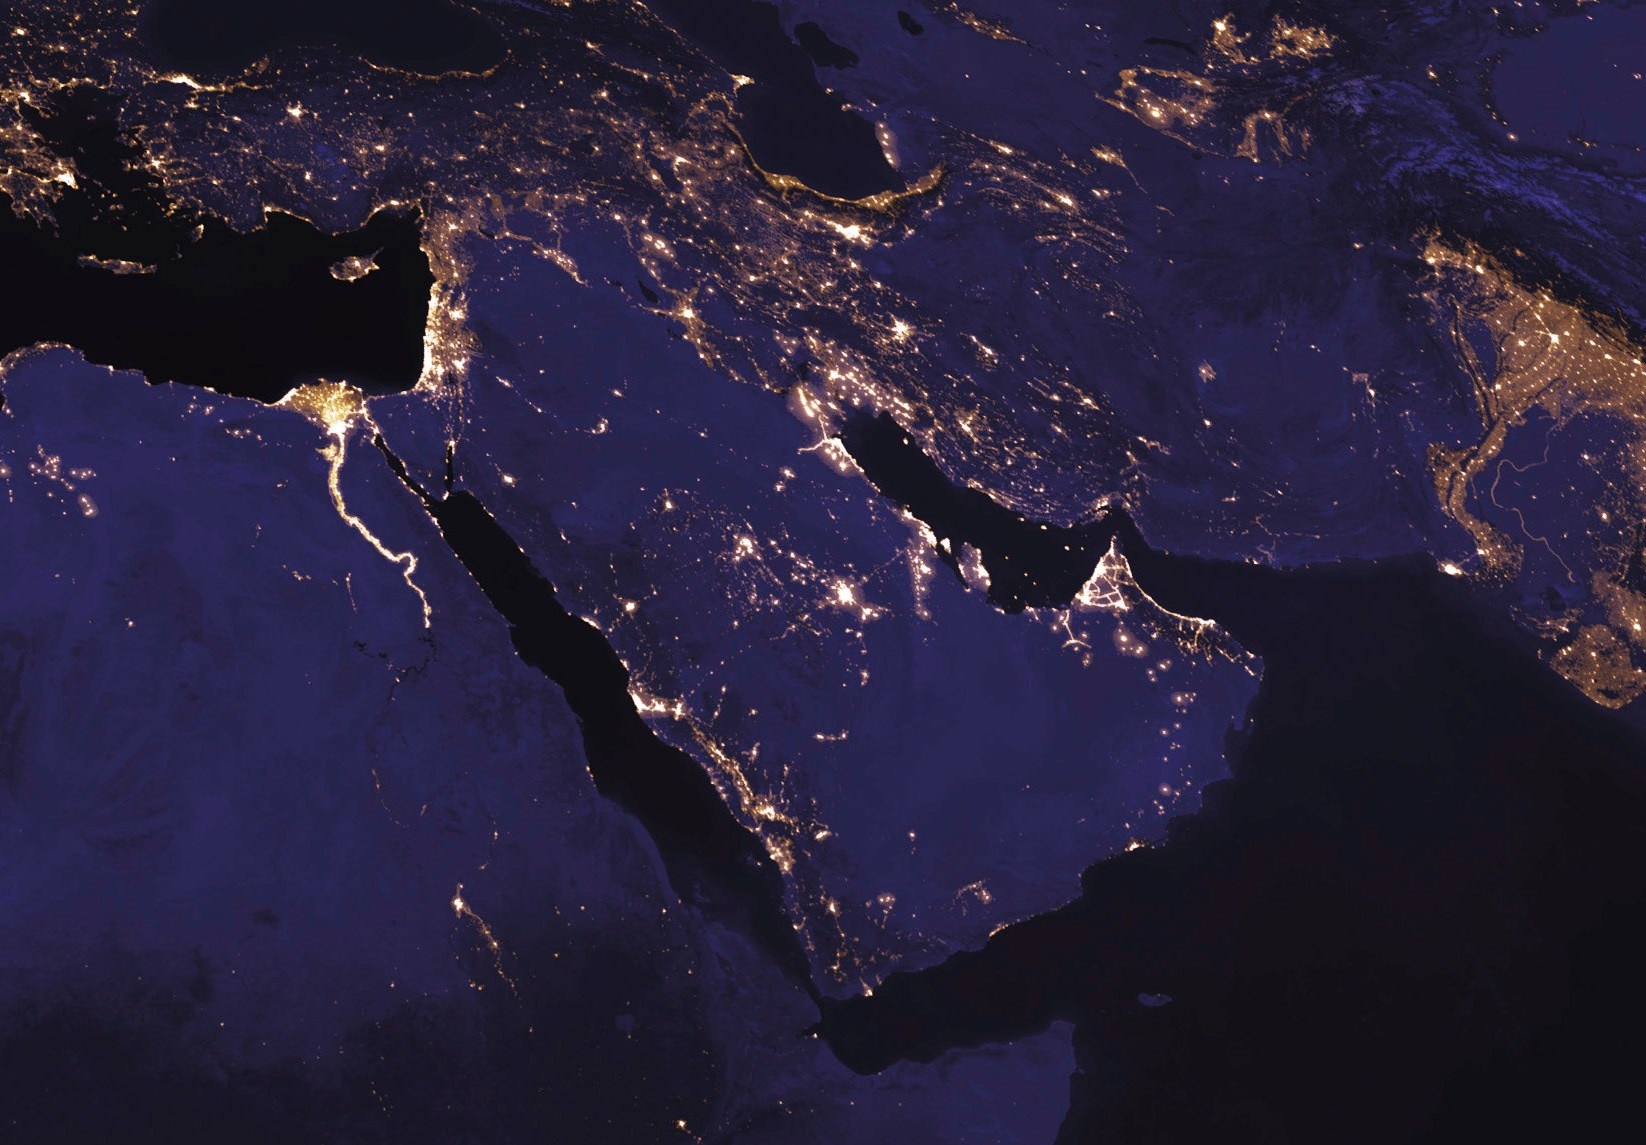 المستثمرون المخاطرون في السعودية: أين نقف اليوم وإلى أين نتّجه؟ [رأي]